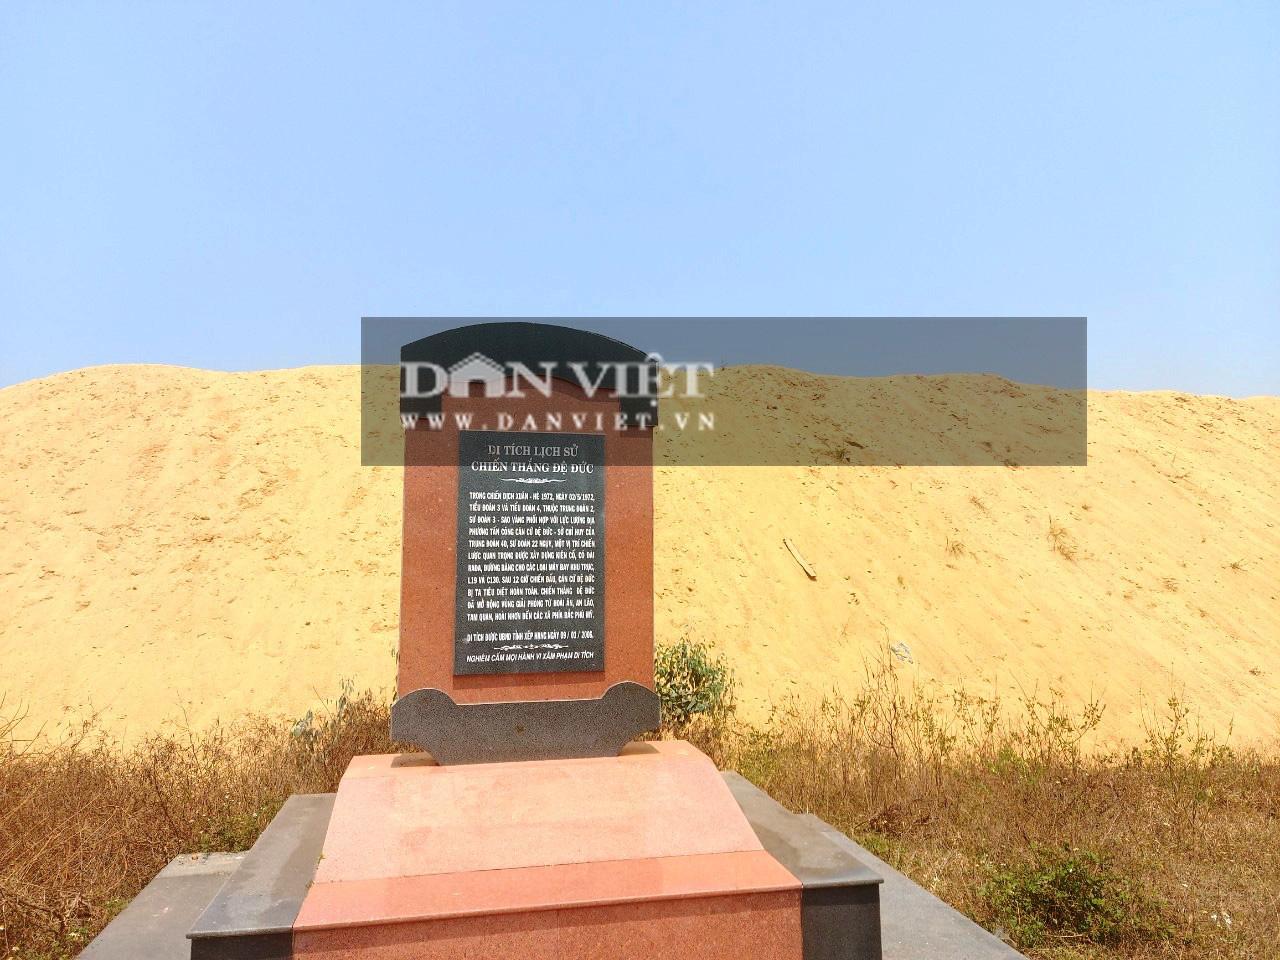 """Chủ tịch tỉnh Bình Định yêu cầu giải quyết dứt điểm vụ bãi cát """"khủng"""" mọc trên đất quốc phòng - Ảnh 1."""